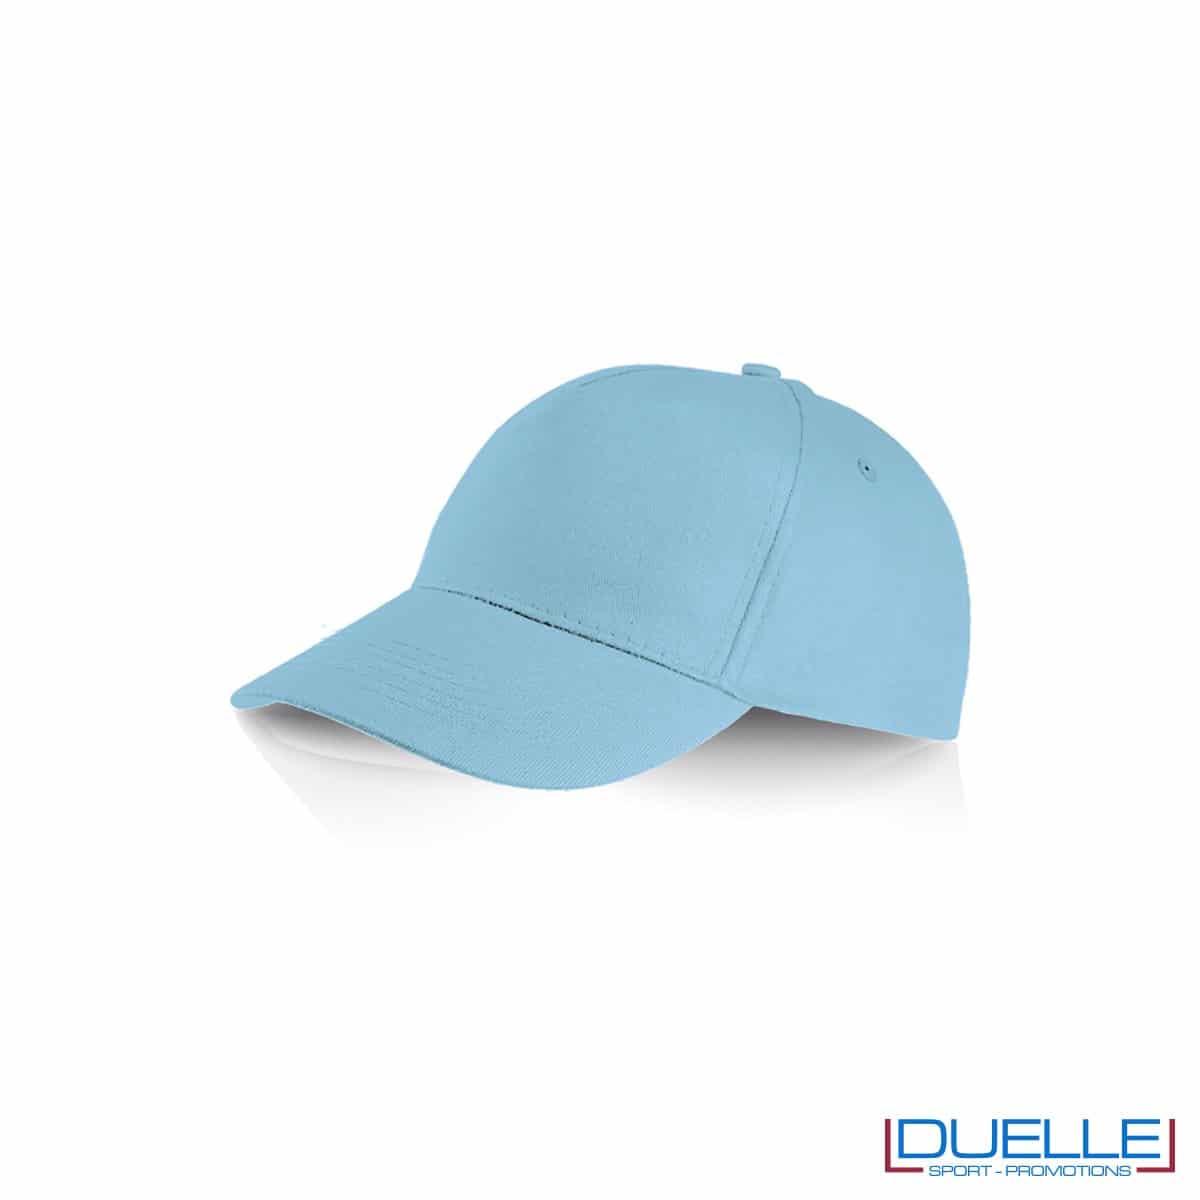 Cappellino personalizzato cotone azzurro, cappellini promozionali baseball, cappellini baseball personalizzati azzurro